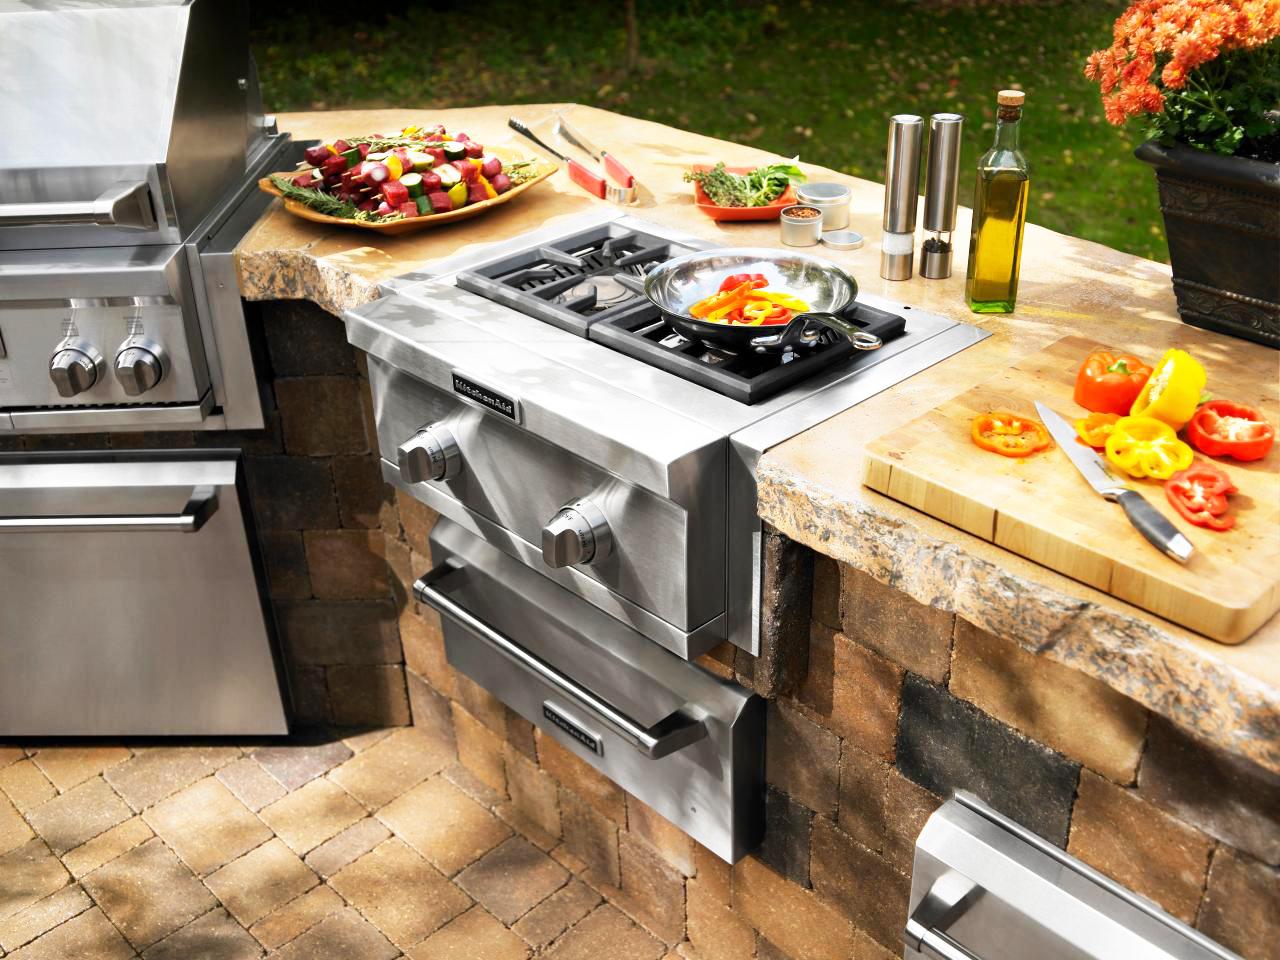 backyard-kitchen-designs-ideas-for-outdoor-kitchens-designs-with-small-backyard-design-and-outdoor-kitchen-appliances